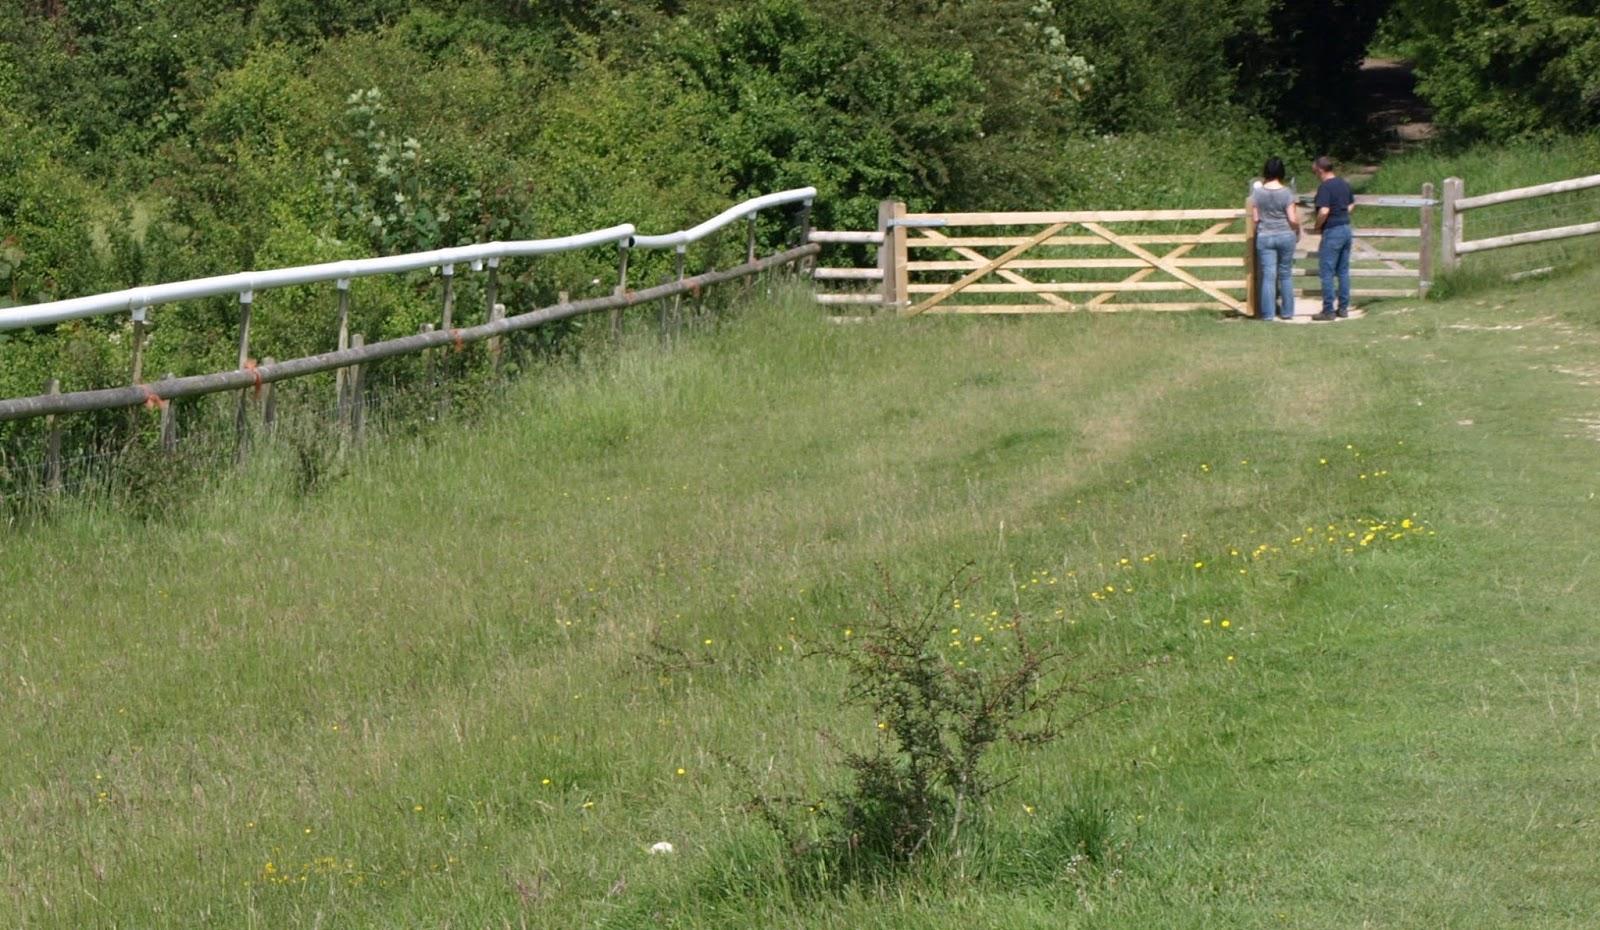 Badbury Rings Dog Walkers